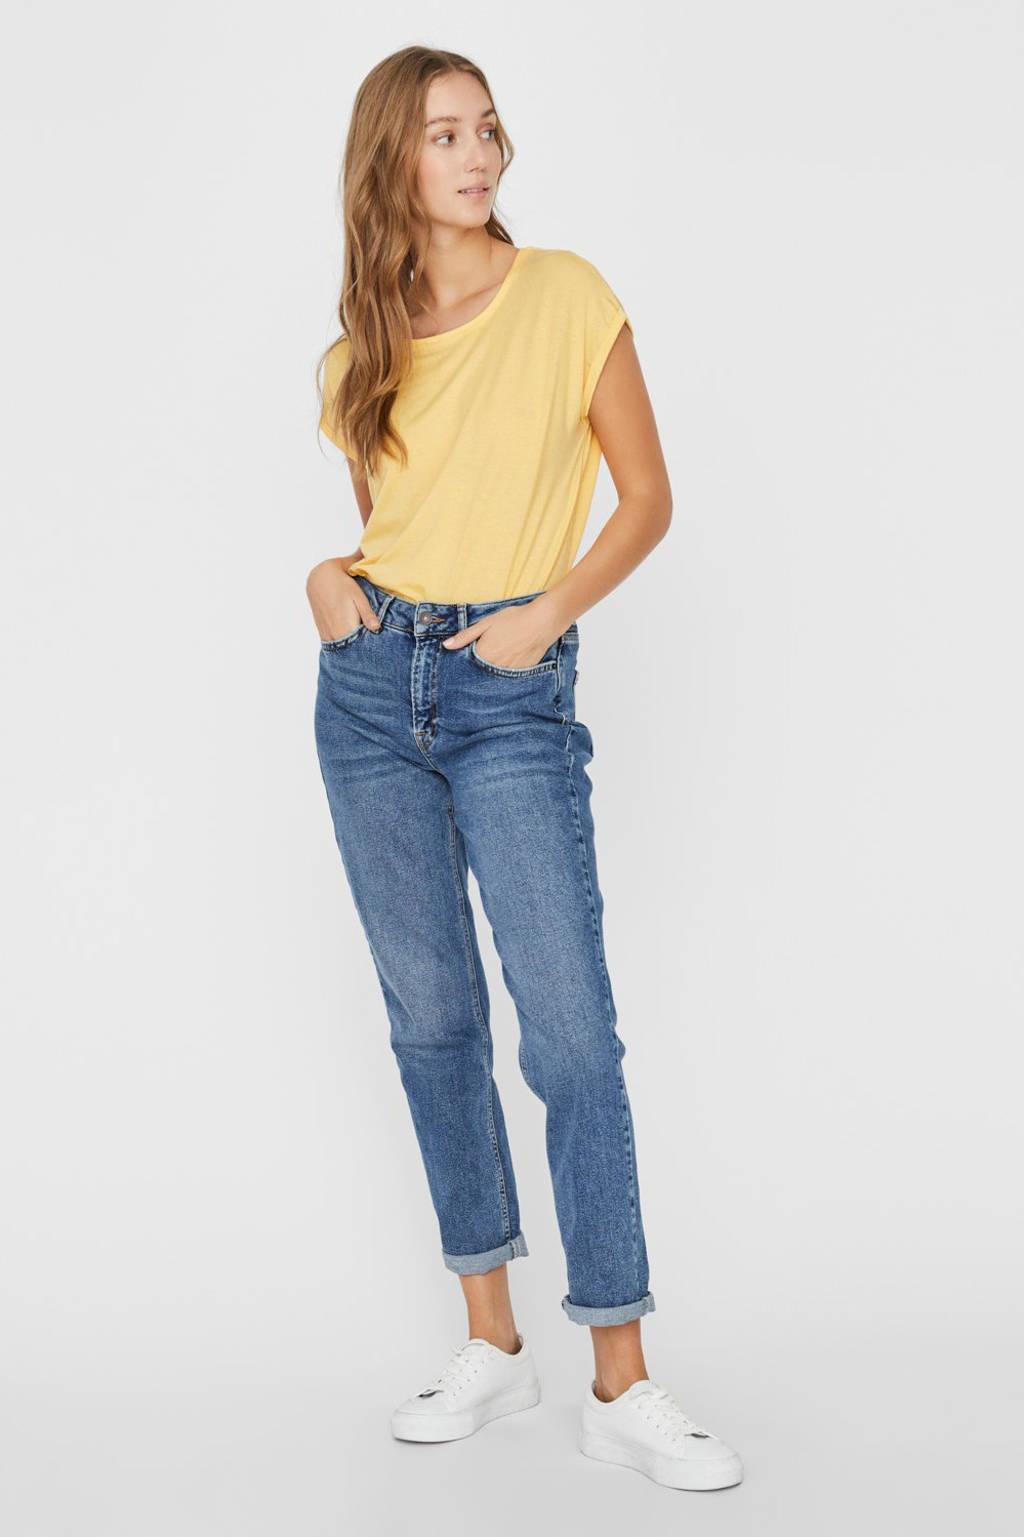 AWARE by VERO MODA T-shirt geel, Geel